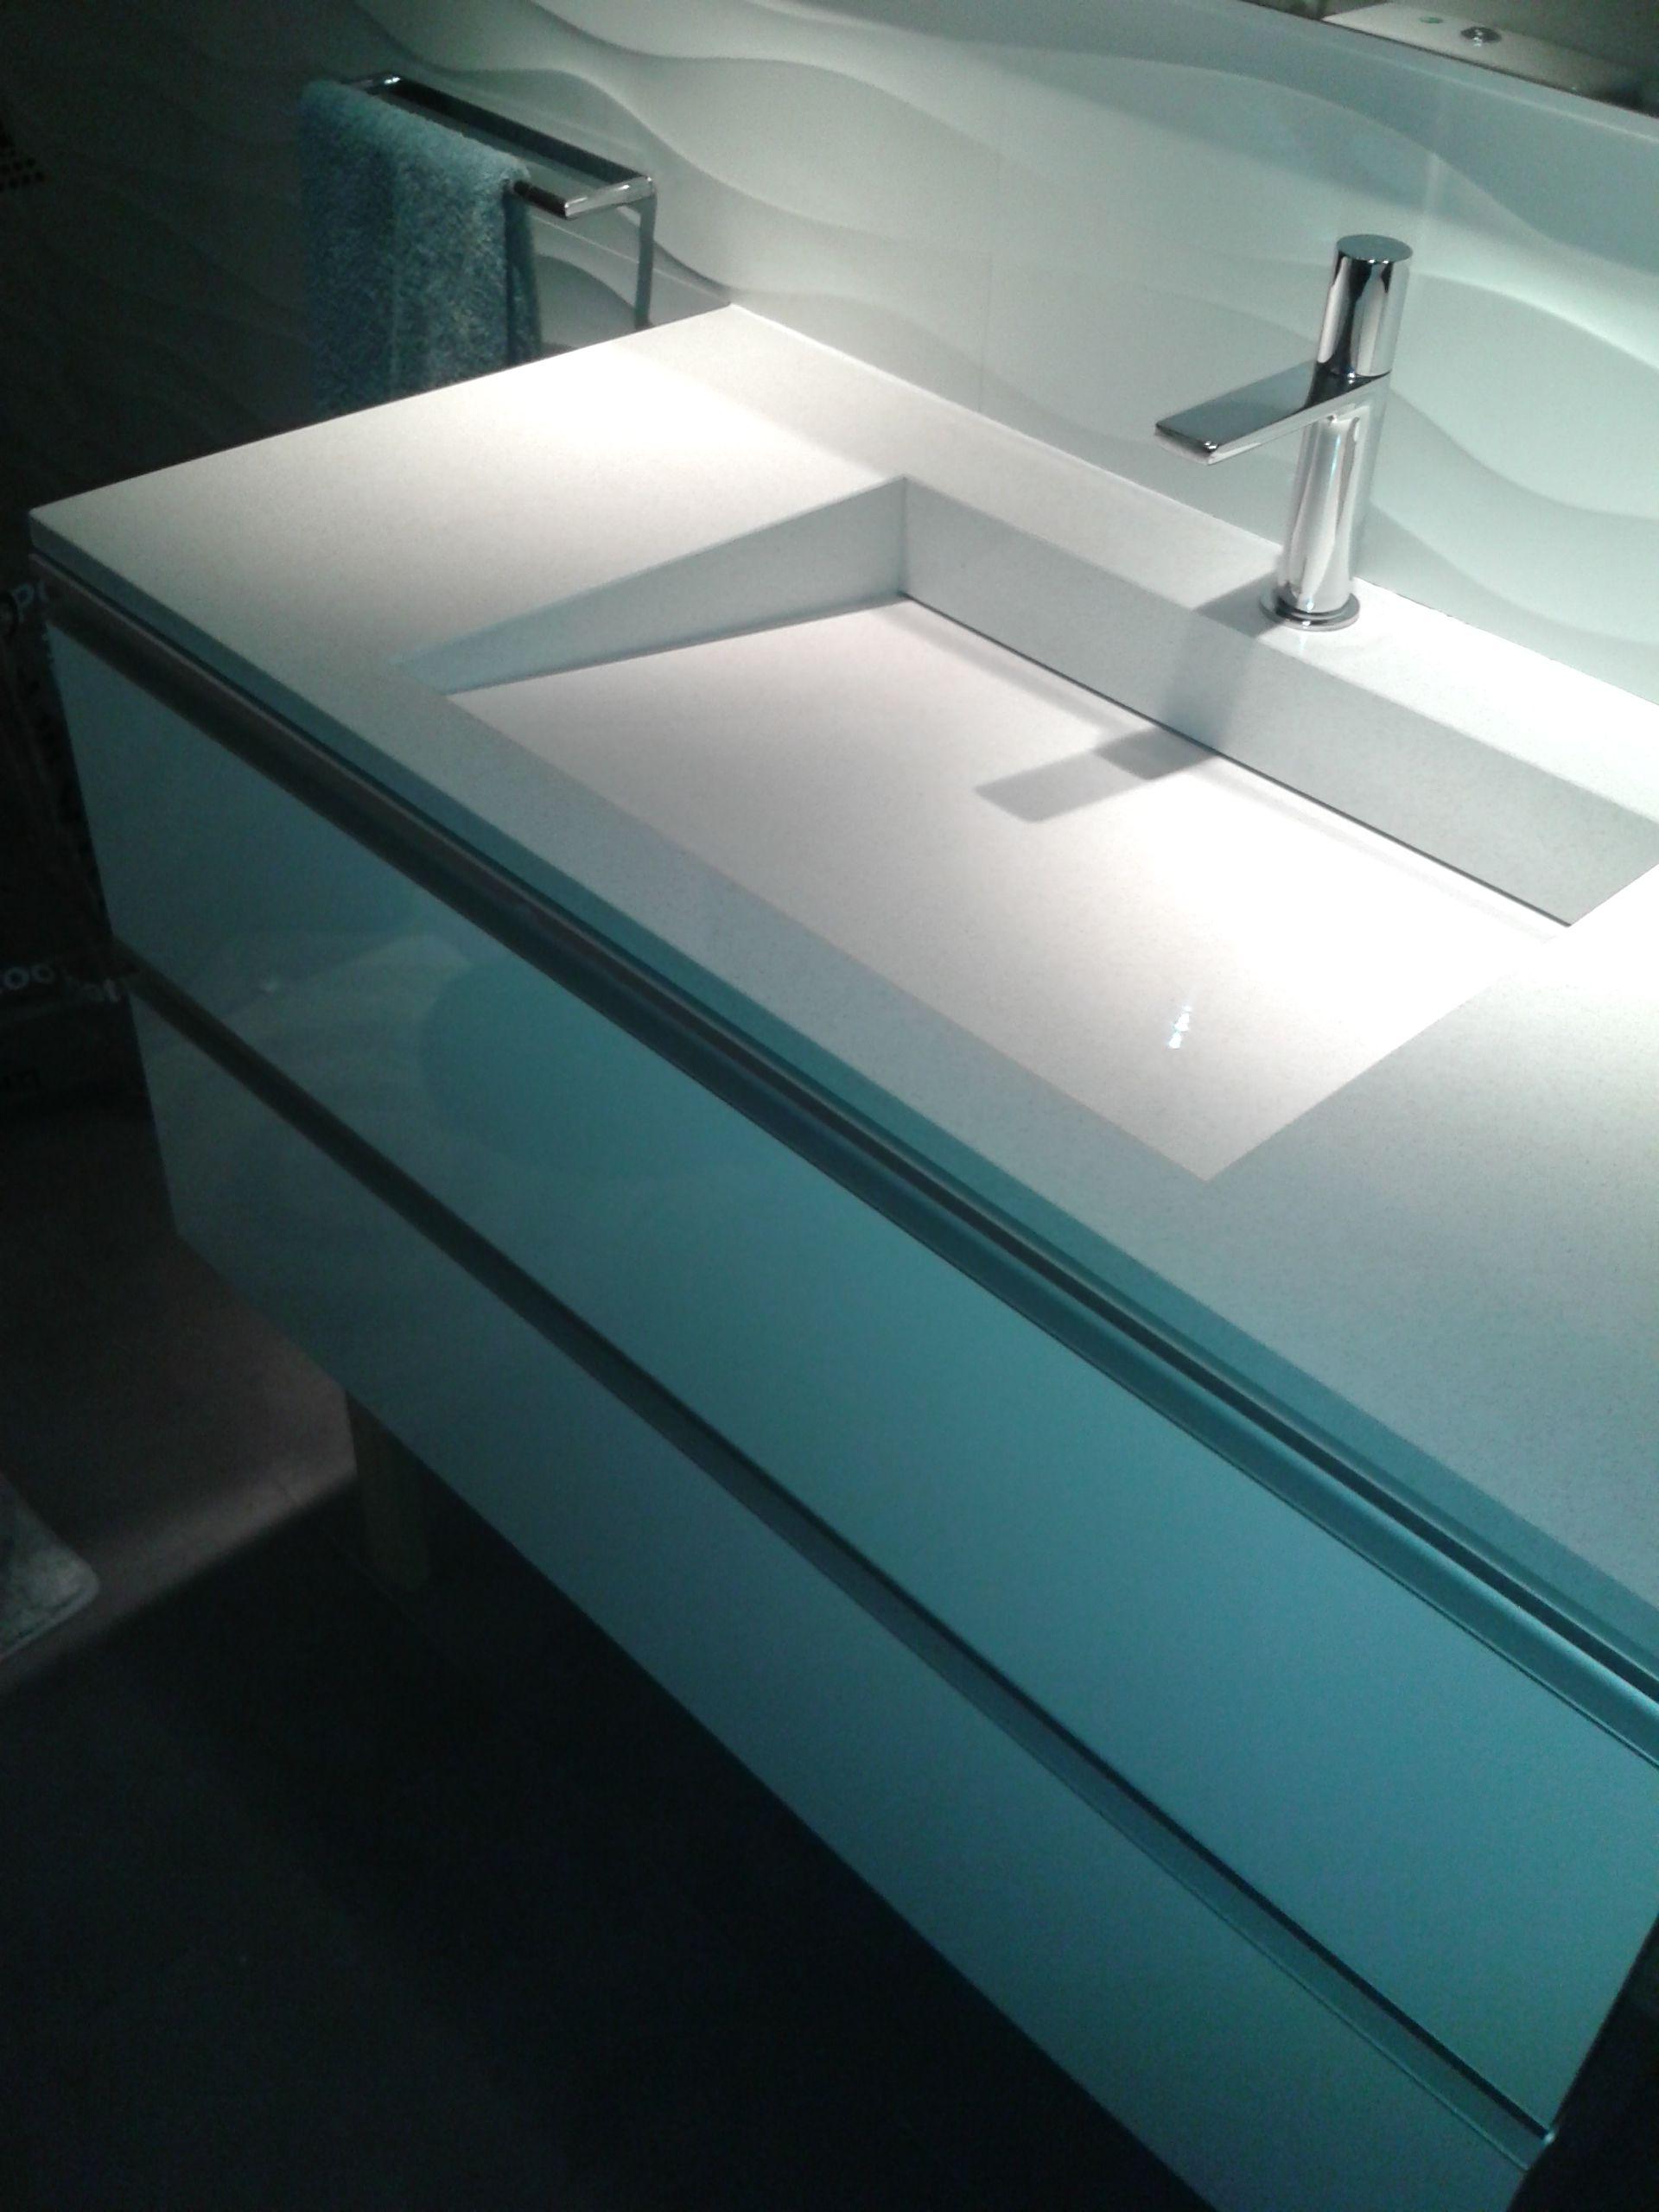 Lavabo con pendiente a desag e oculto mueble suspendido for Lavamanos suspendido